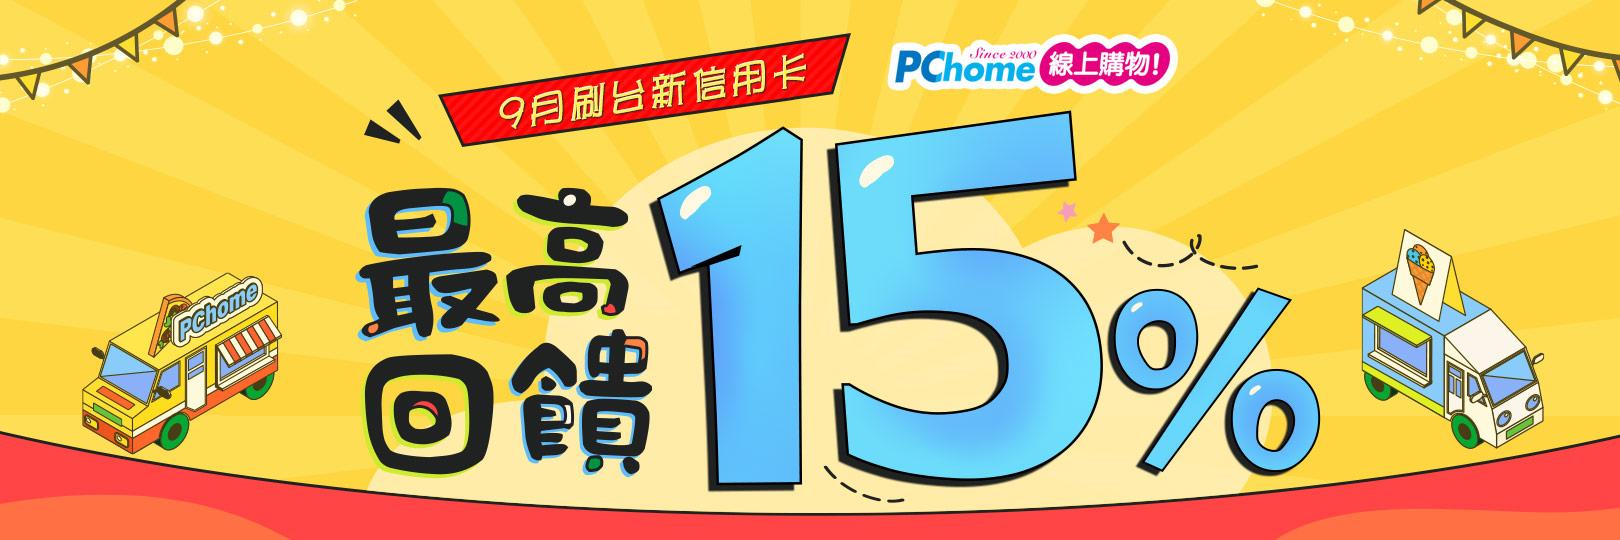 PChome購物網 99購物節